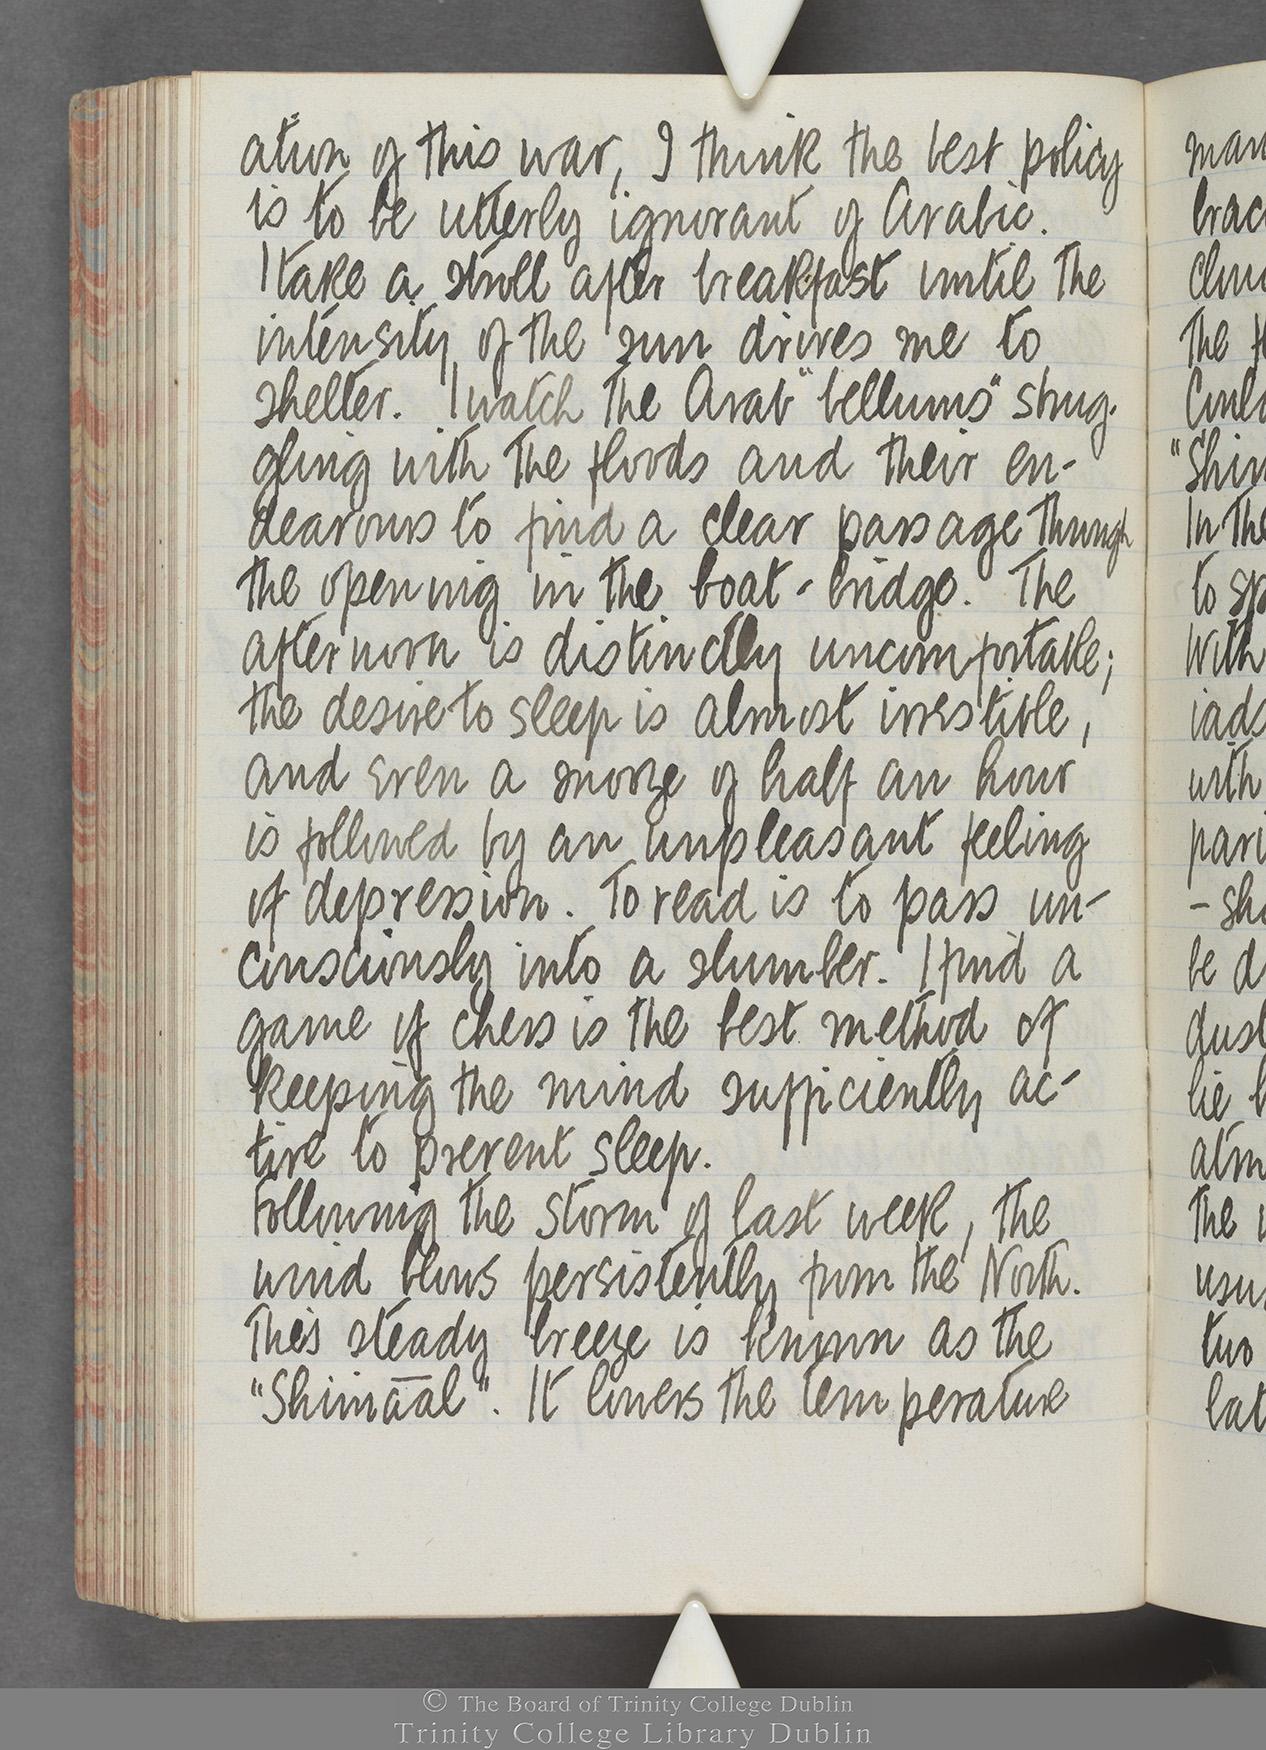 TCD MS 10515 folio 117 verso